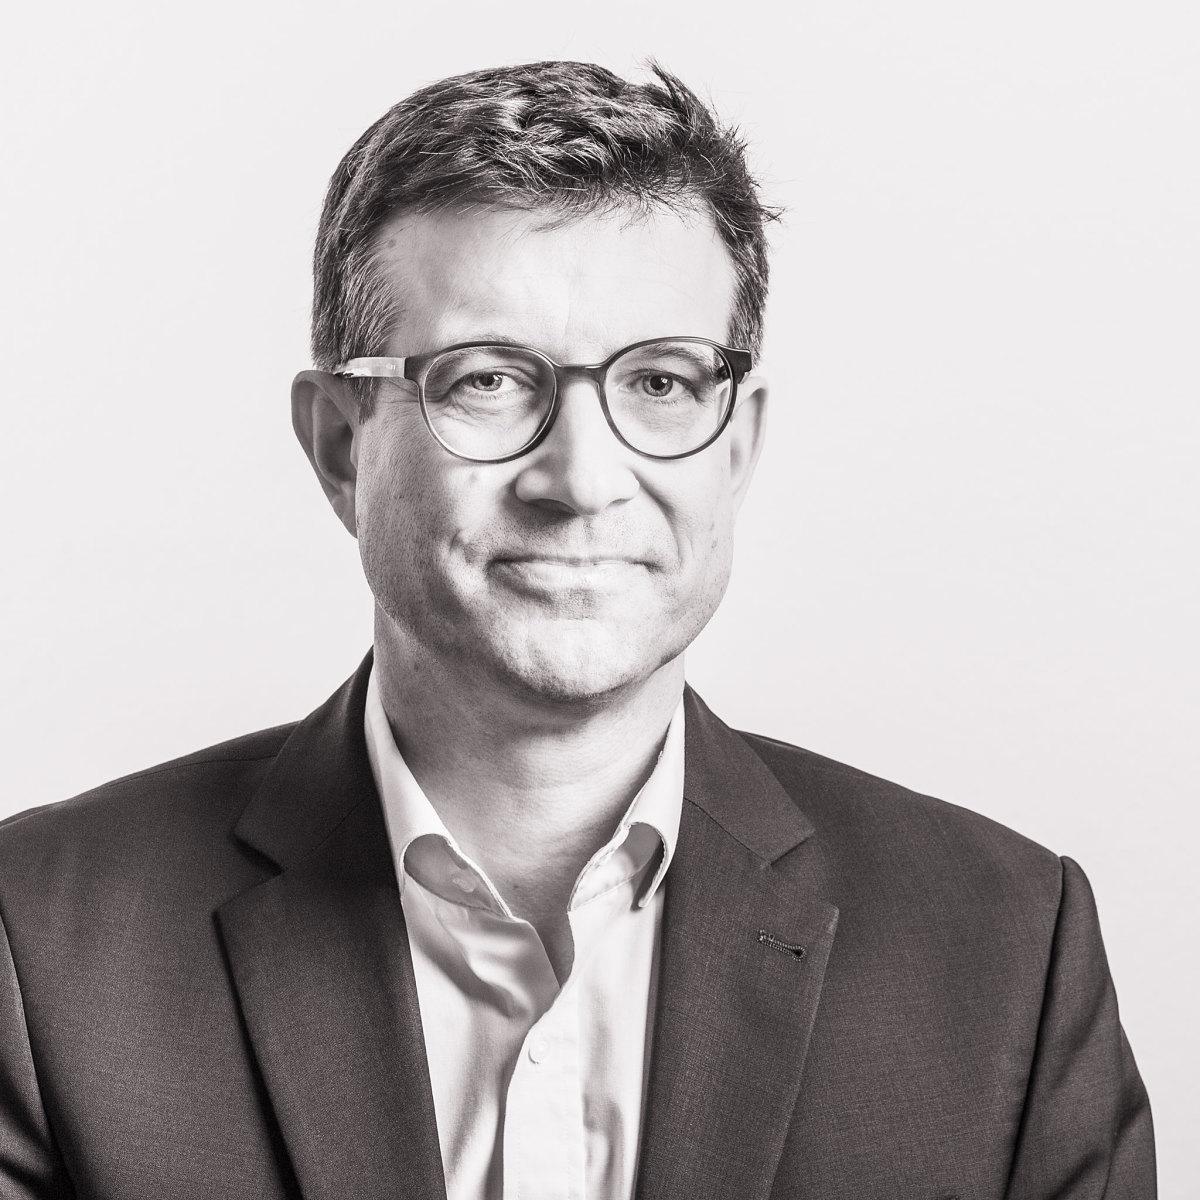 Harald Bahner